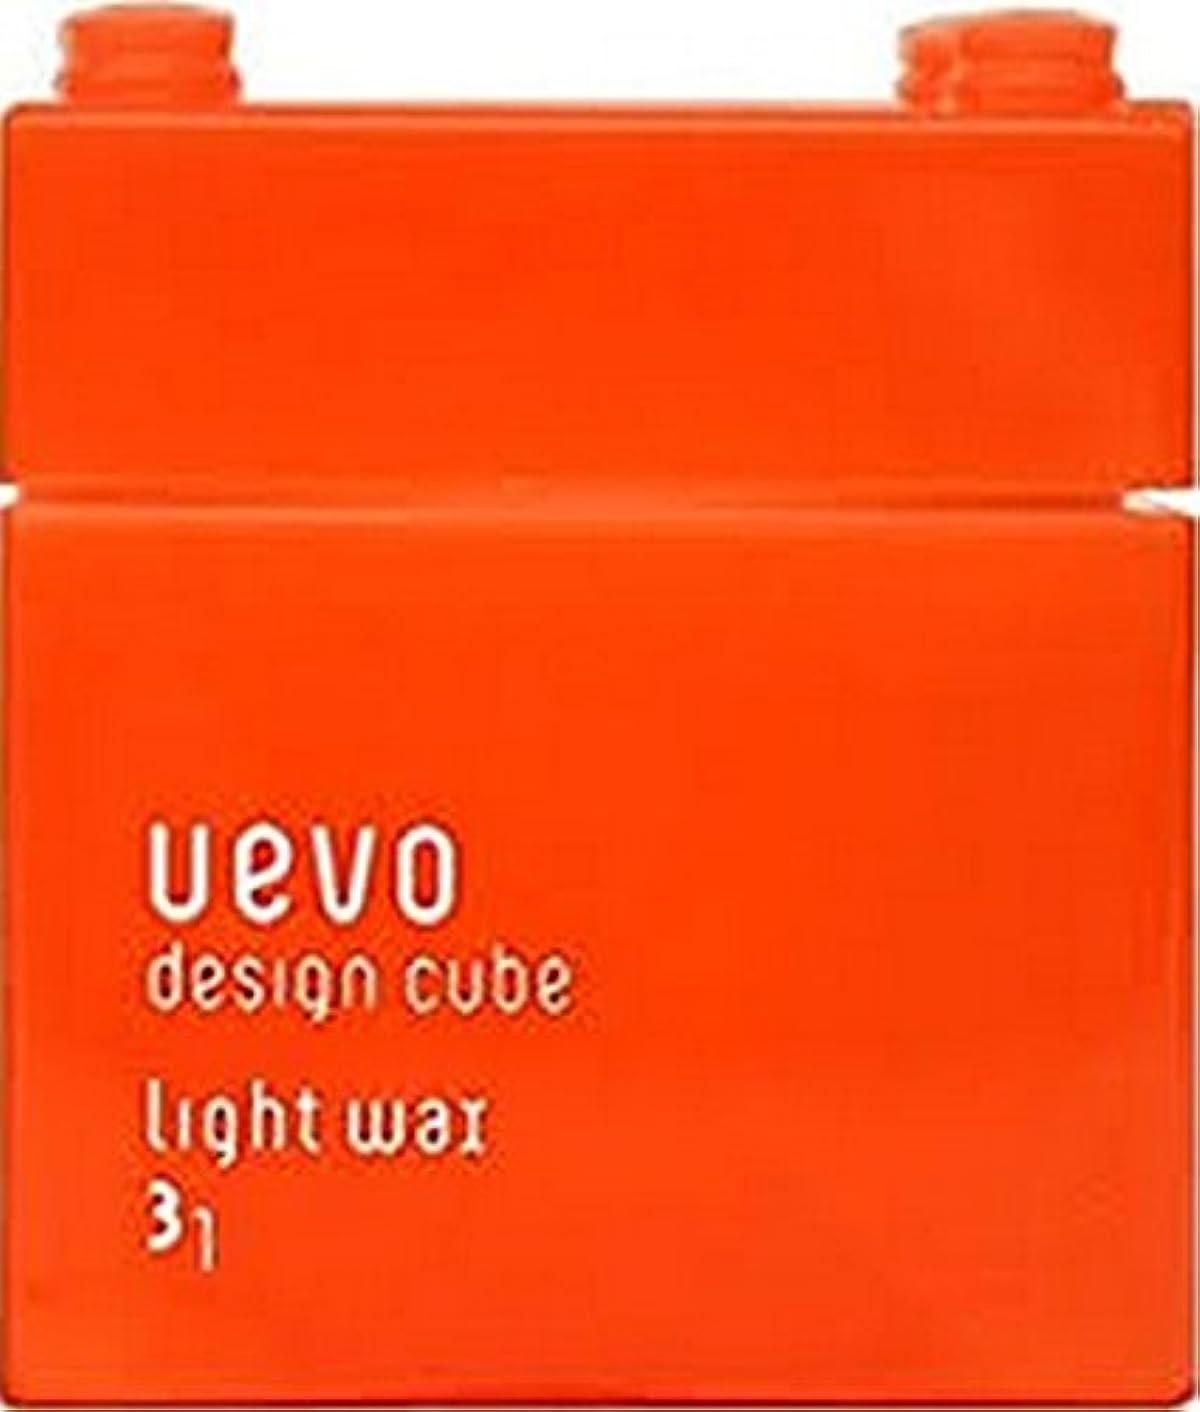 保護する手配する知覚的【デミコスメティクス】ウェーボ デザインキューブ ラウンドワックス 80g